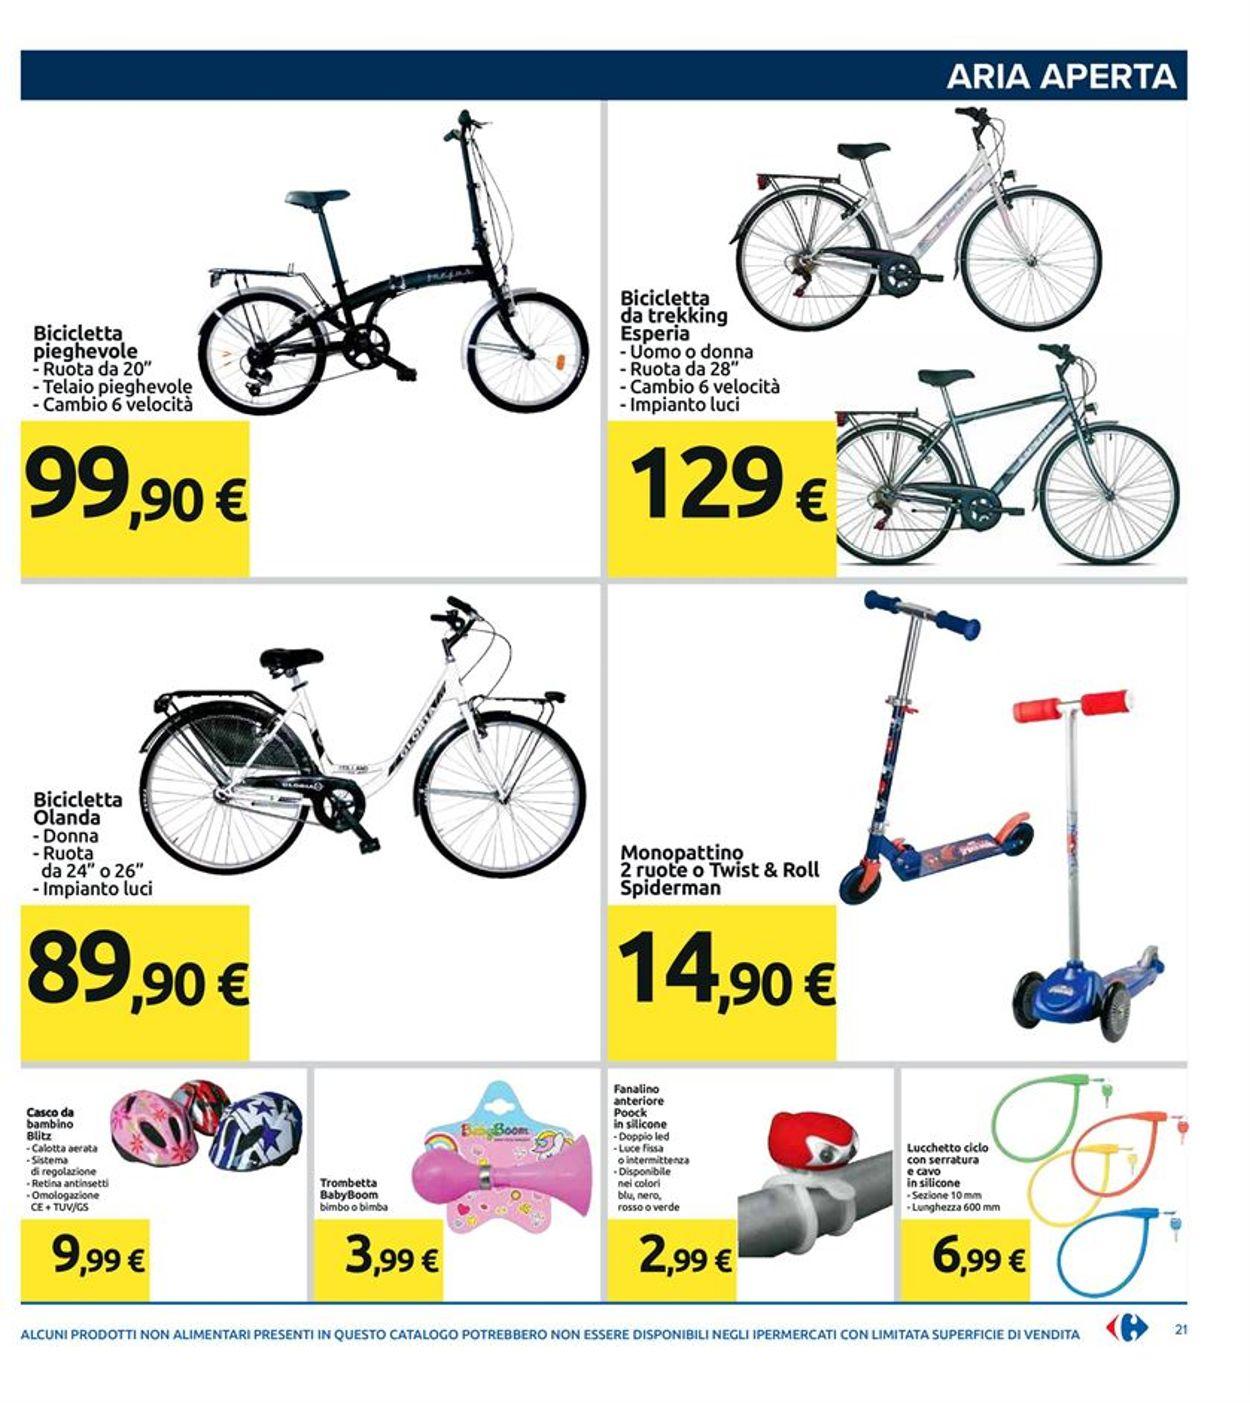 Casco Da Bicicletta Carrefour